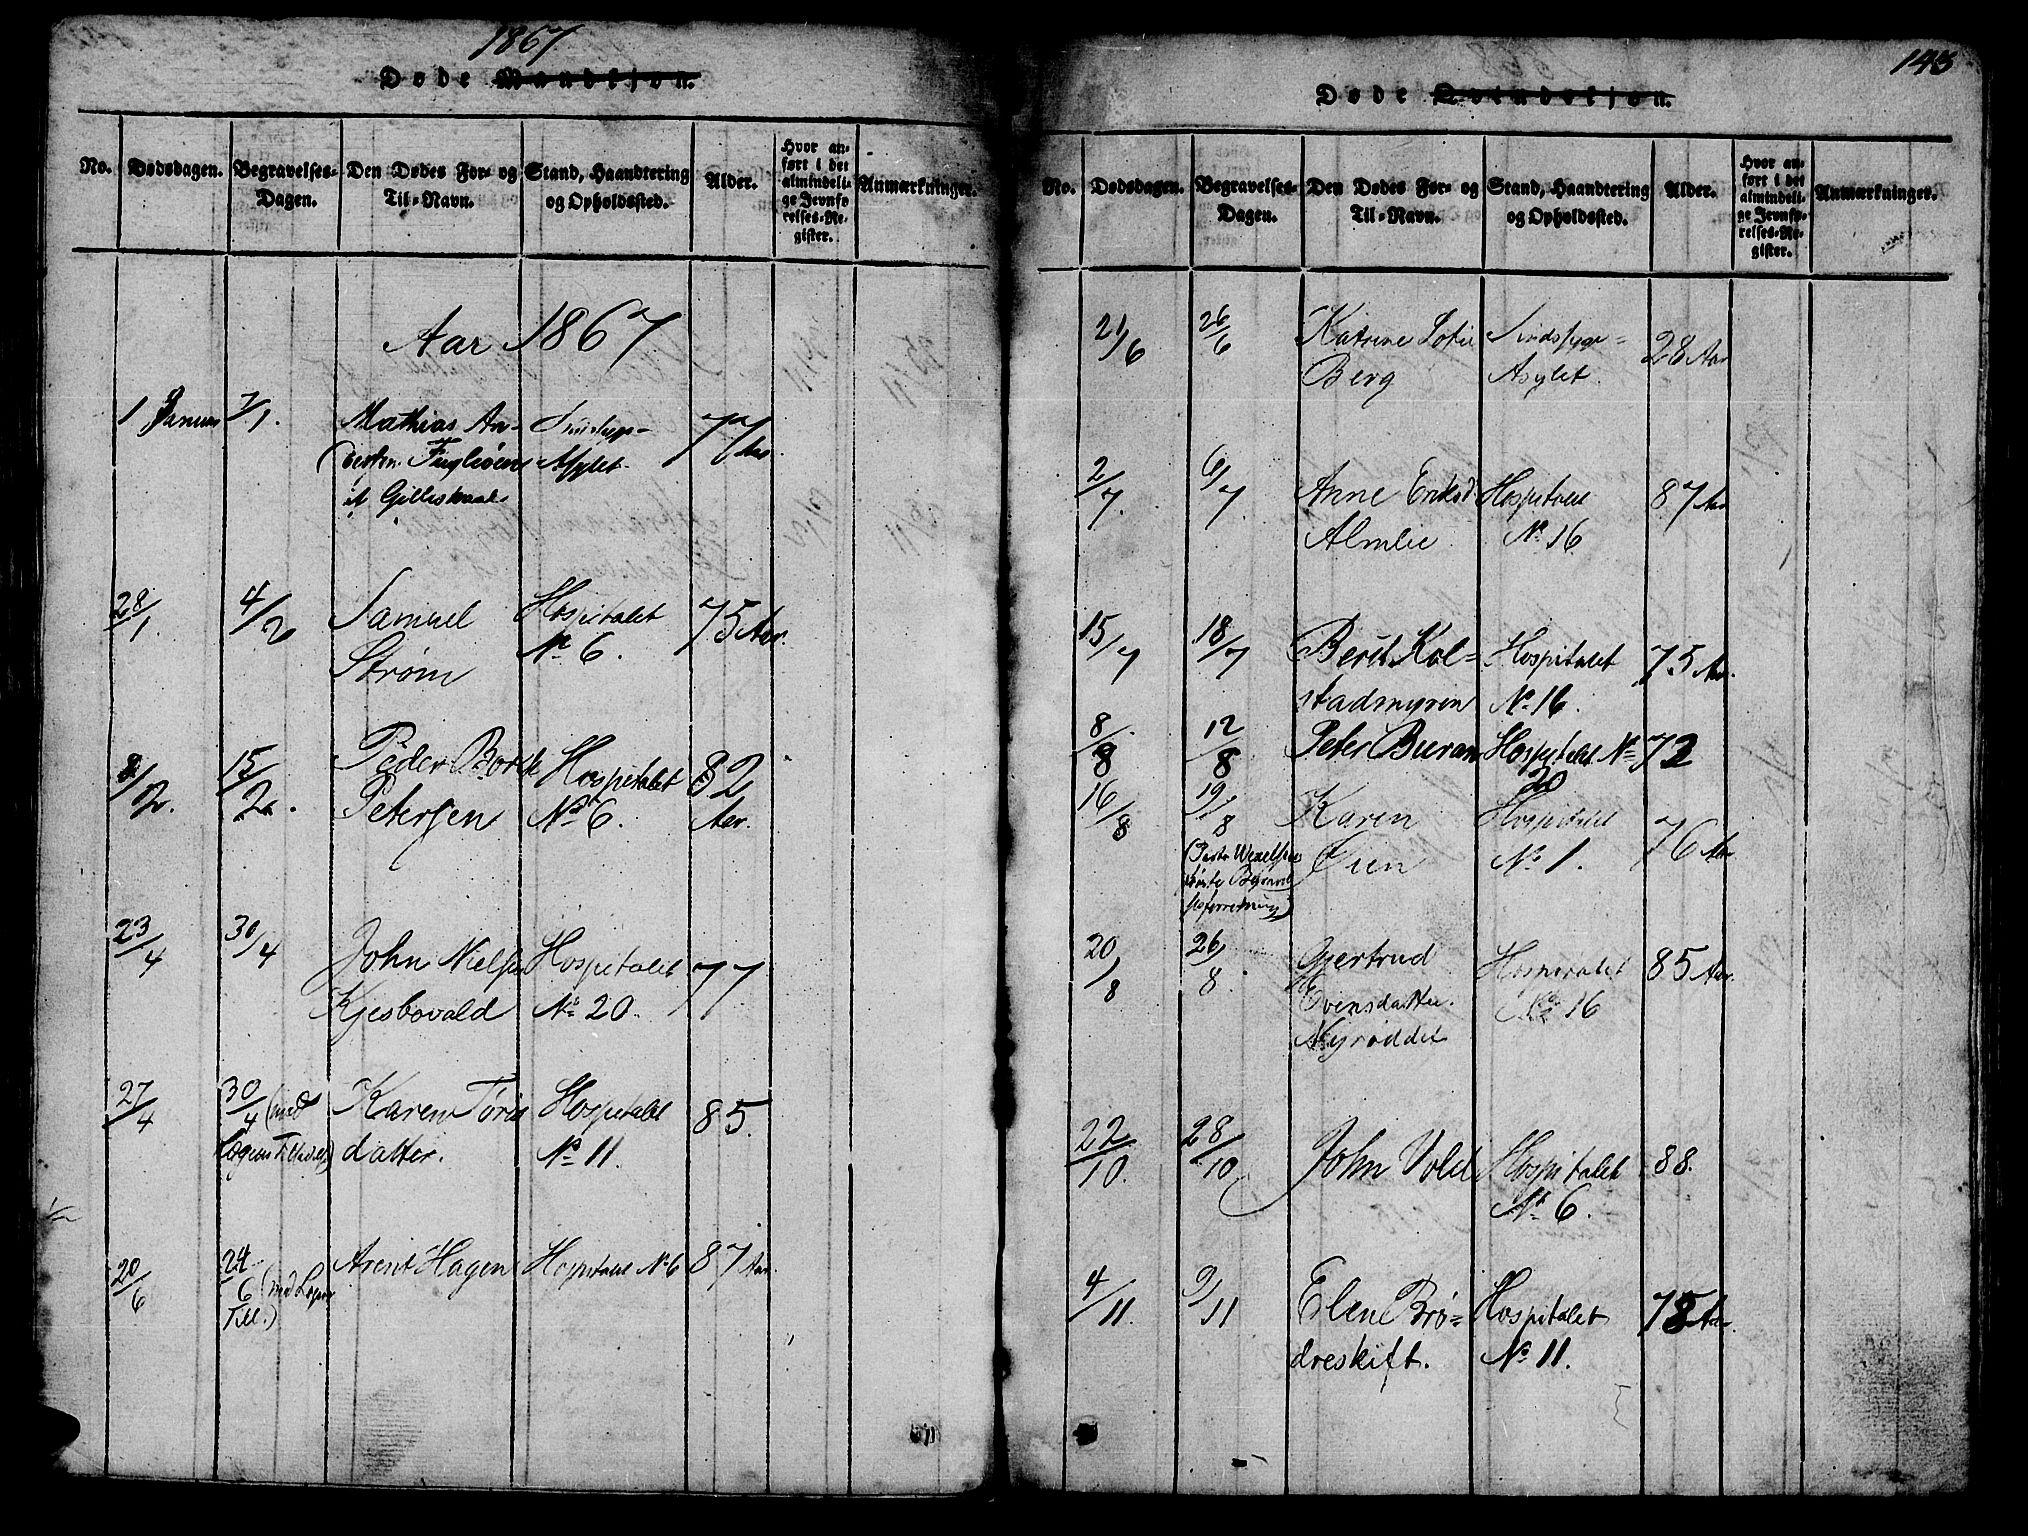 SAT, Ministerialprotokoller, klokkerbøker og fødselsregistre - Sør-Trøndelag, 623/L0478: Klokkerbok nr. 623C01, 1815-1873, s. 143